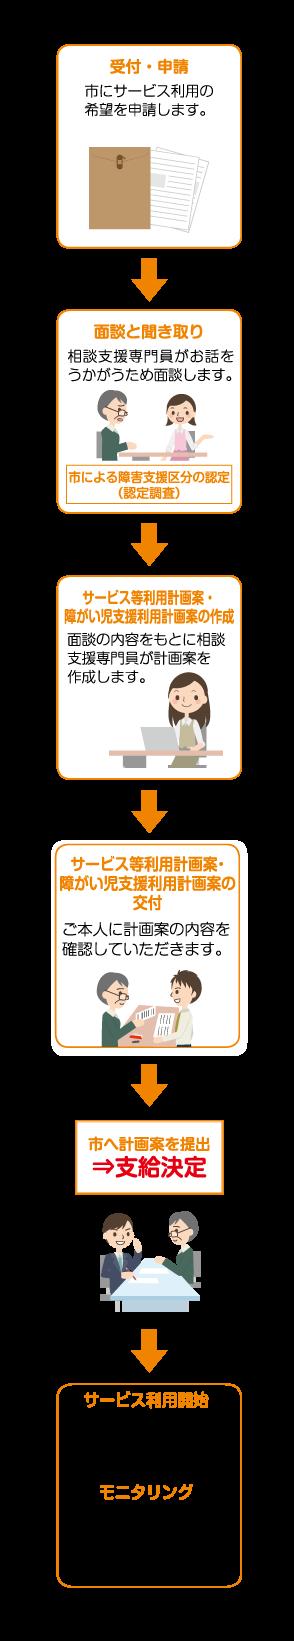 サービス利用と計画相談支援の流れ01